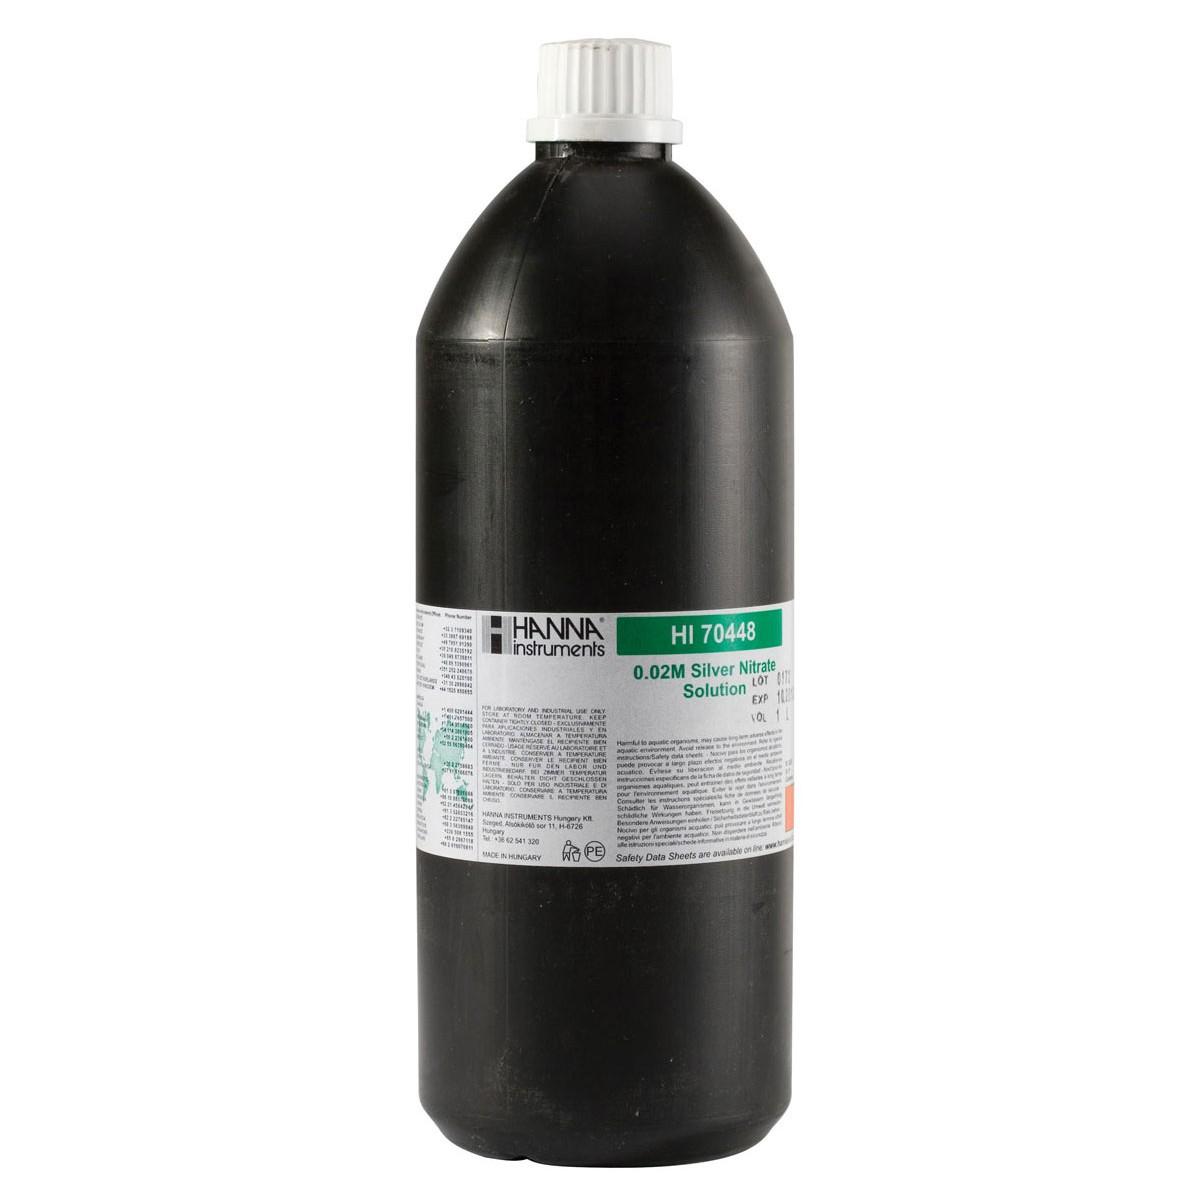 Nitrato d'argenti 0.02M, 1L - HI70448